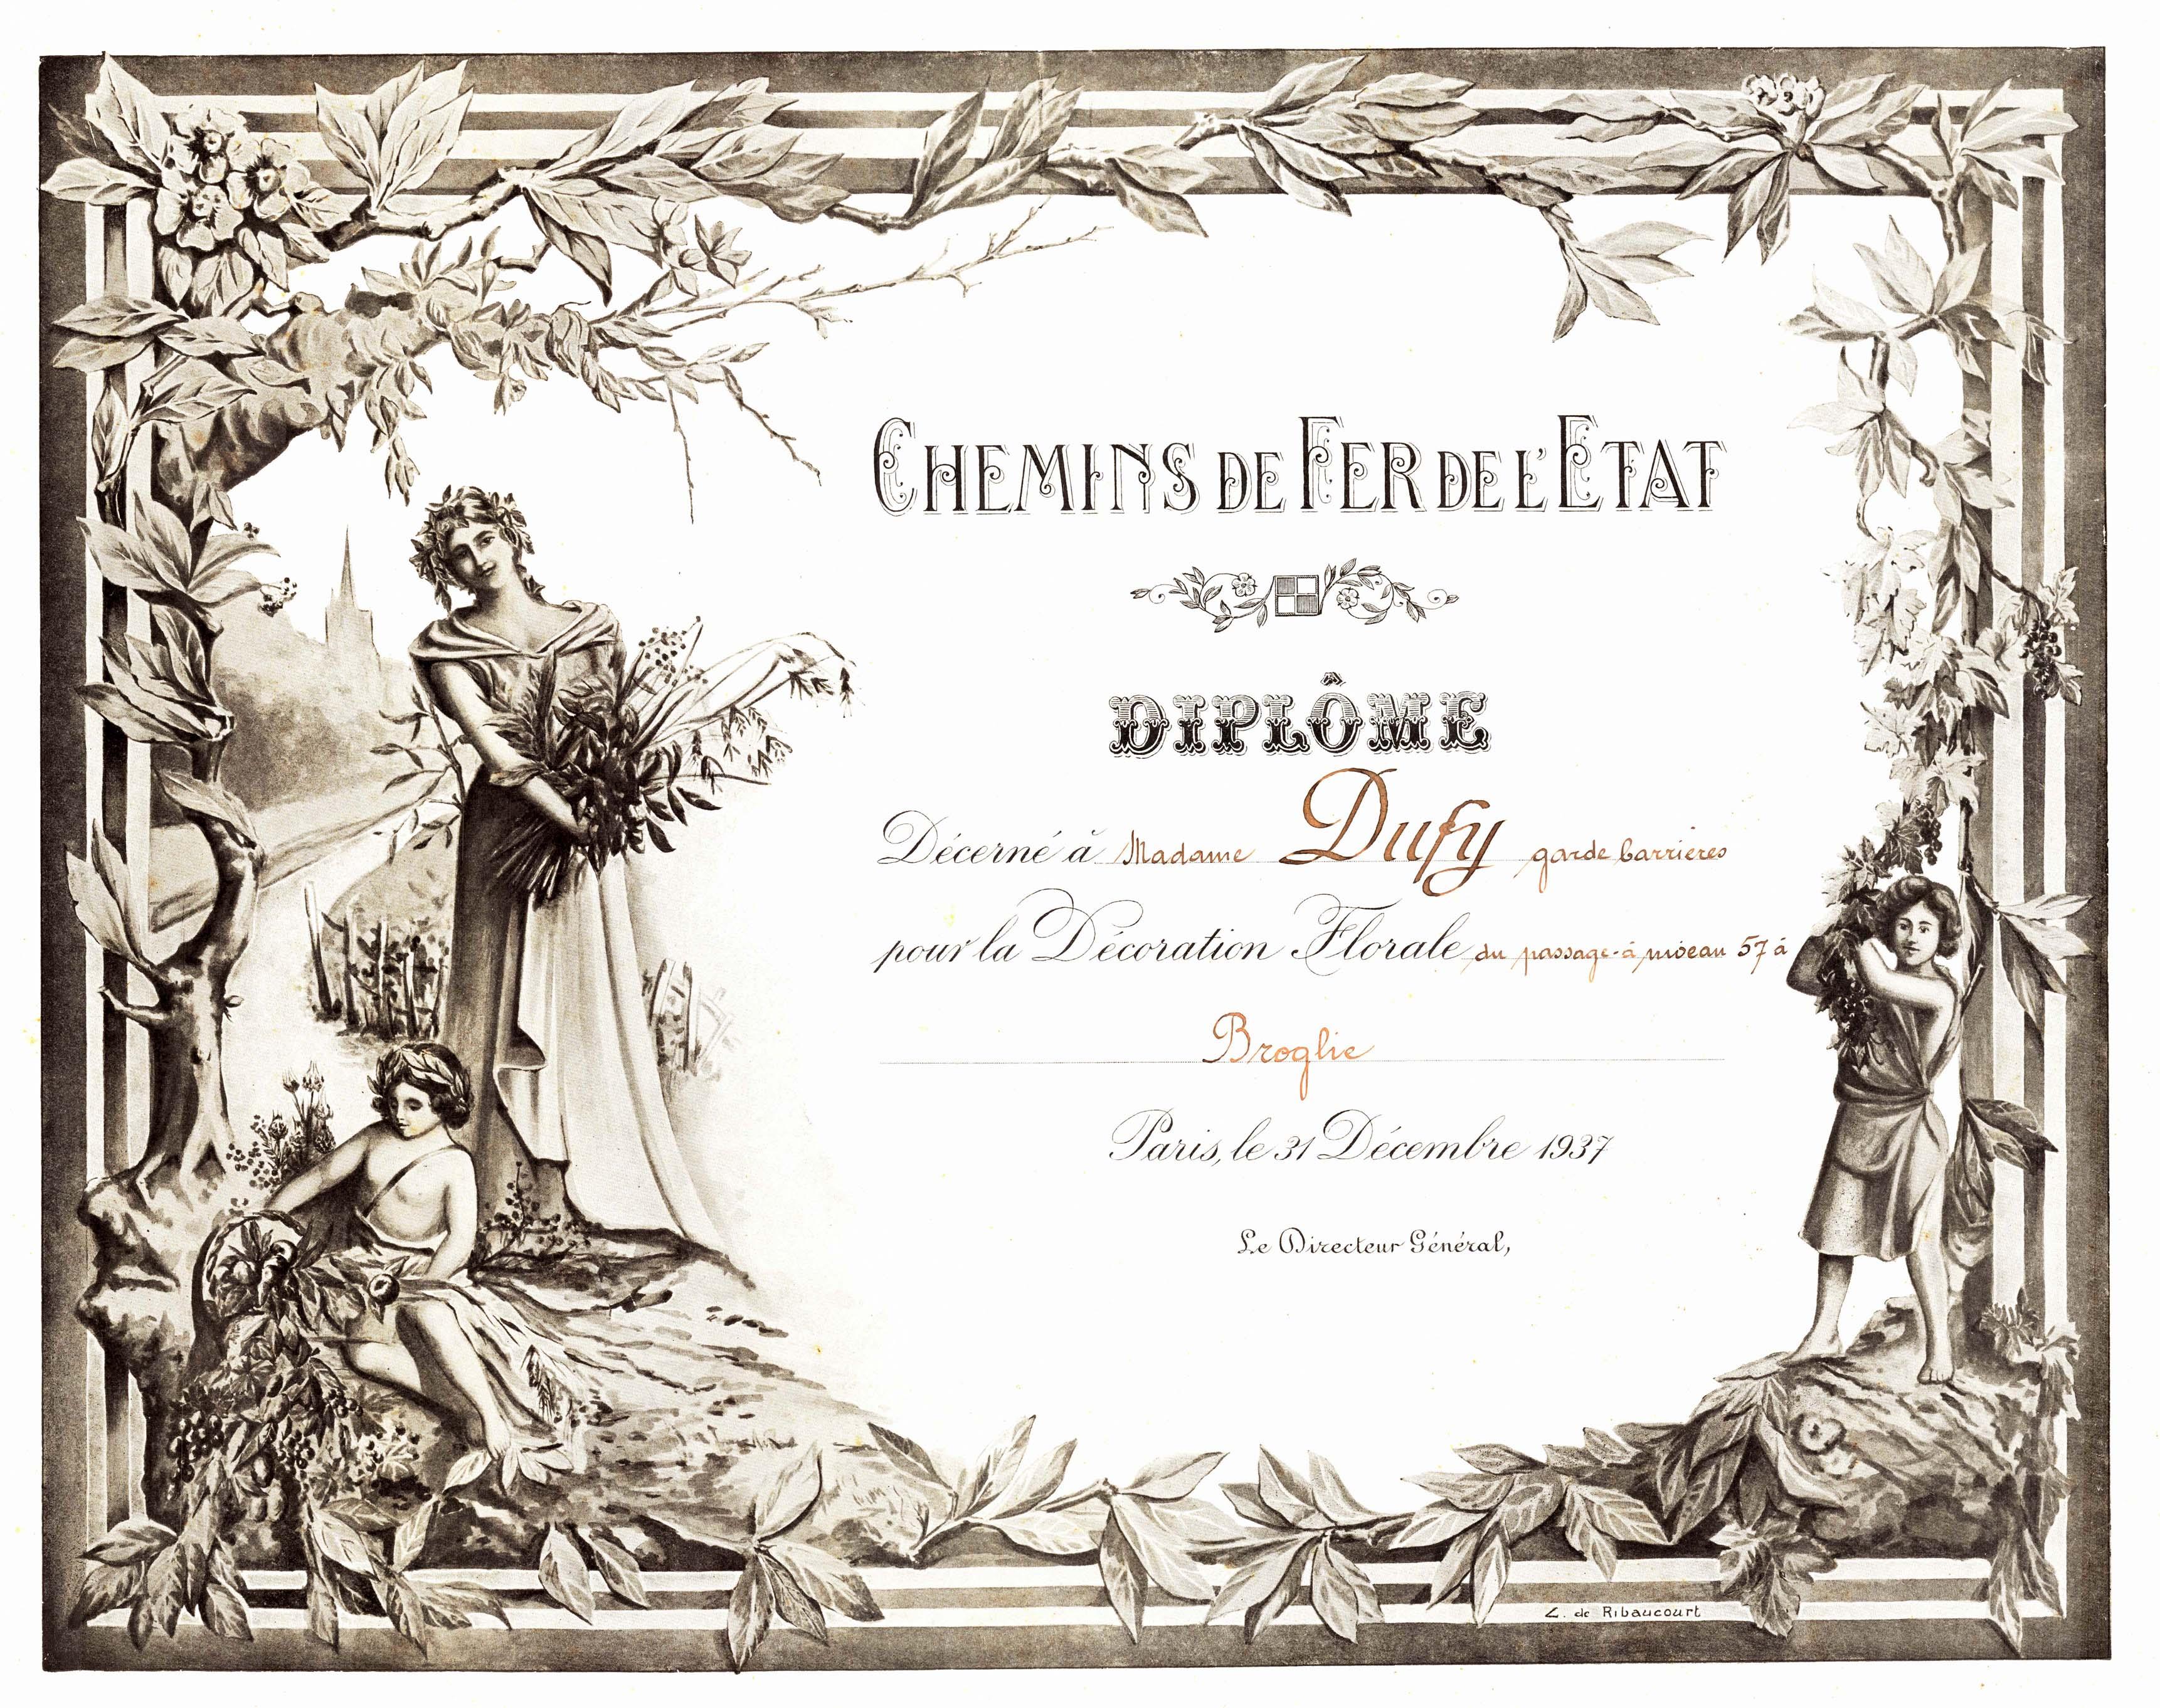 Diplôme pour décoration florale de Madame DUFY garde barrière du passage à niveau 57 - 31 Décembre 1937